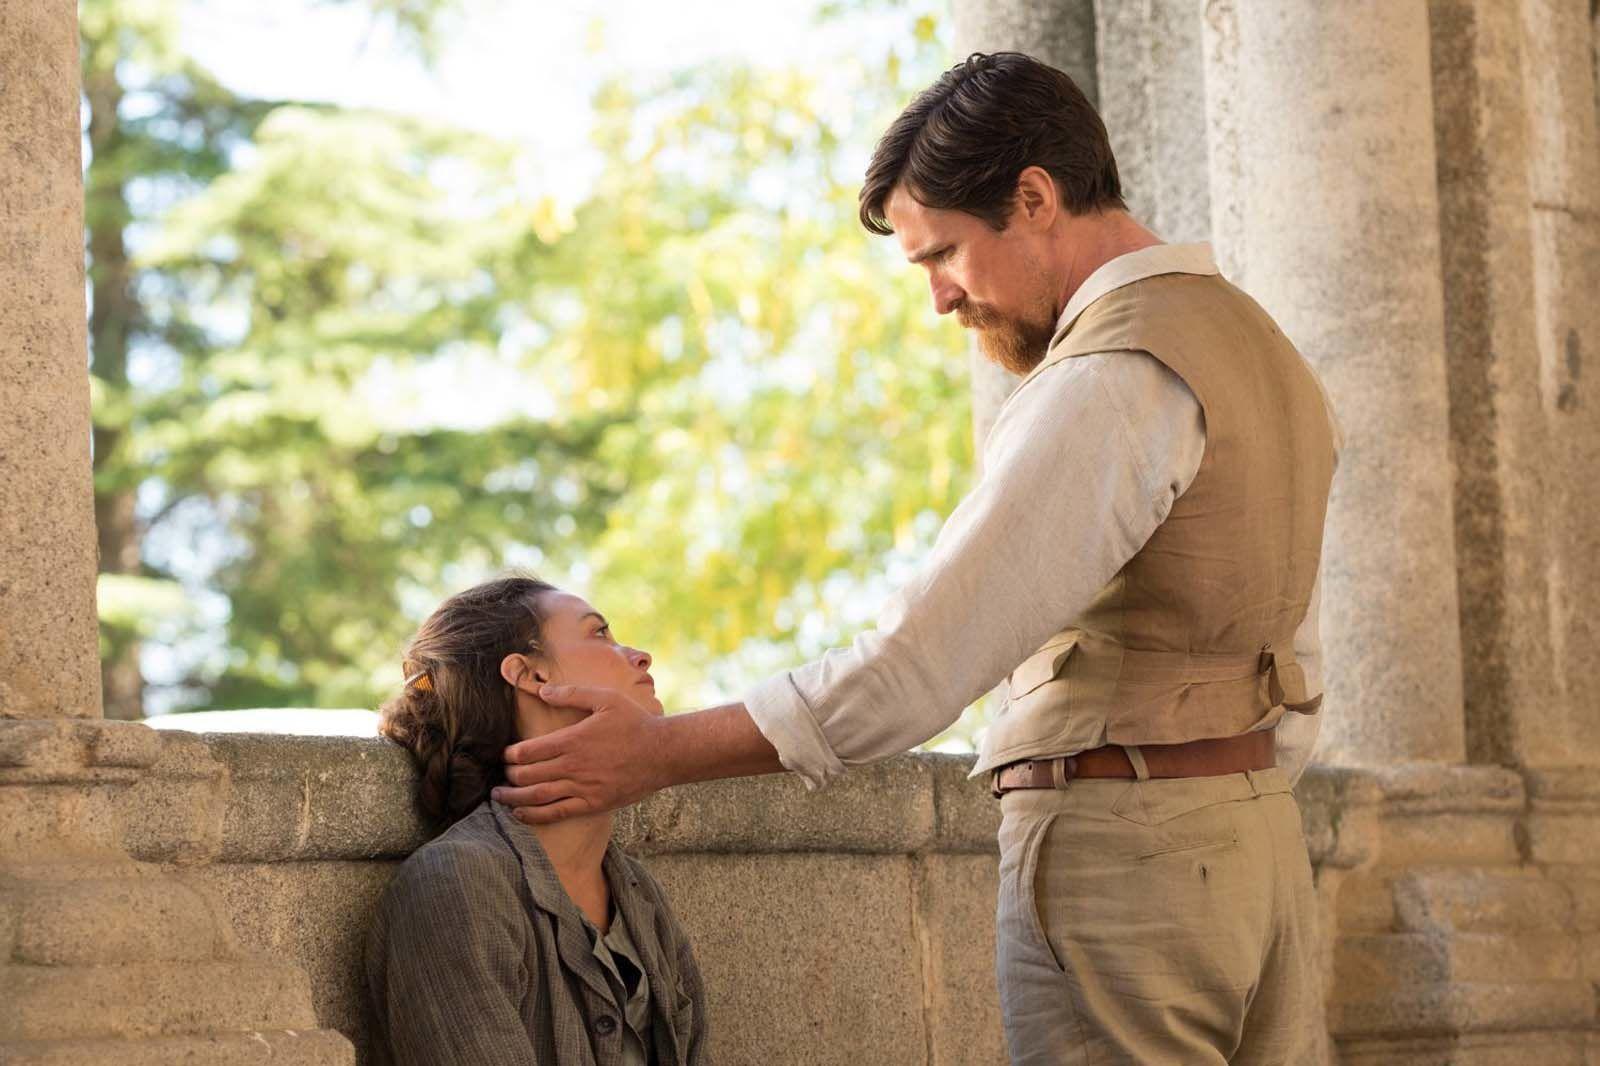 La Promesse (BANDE ANNONCE) Christian Bale, Charlotte Le Bon - Le 29 novembre 2017 au cinéma